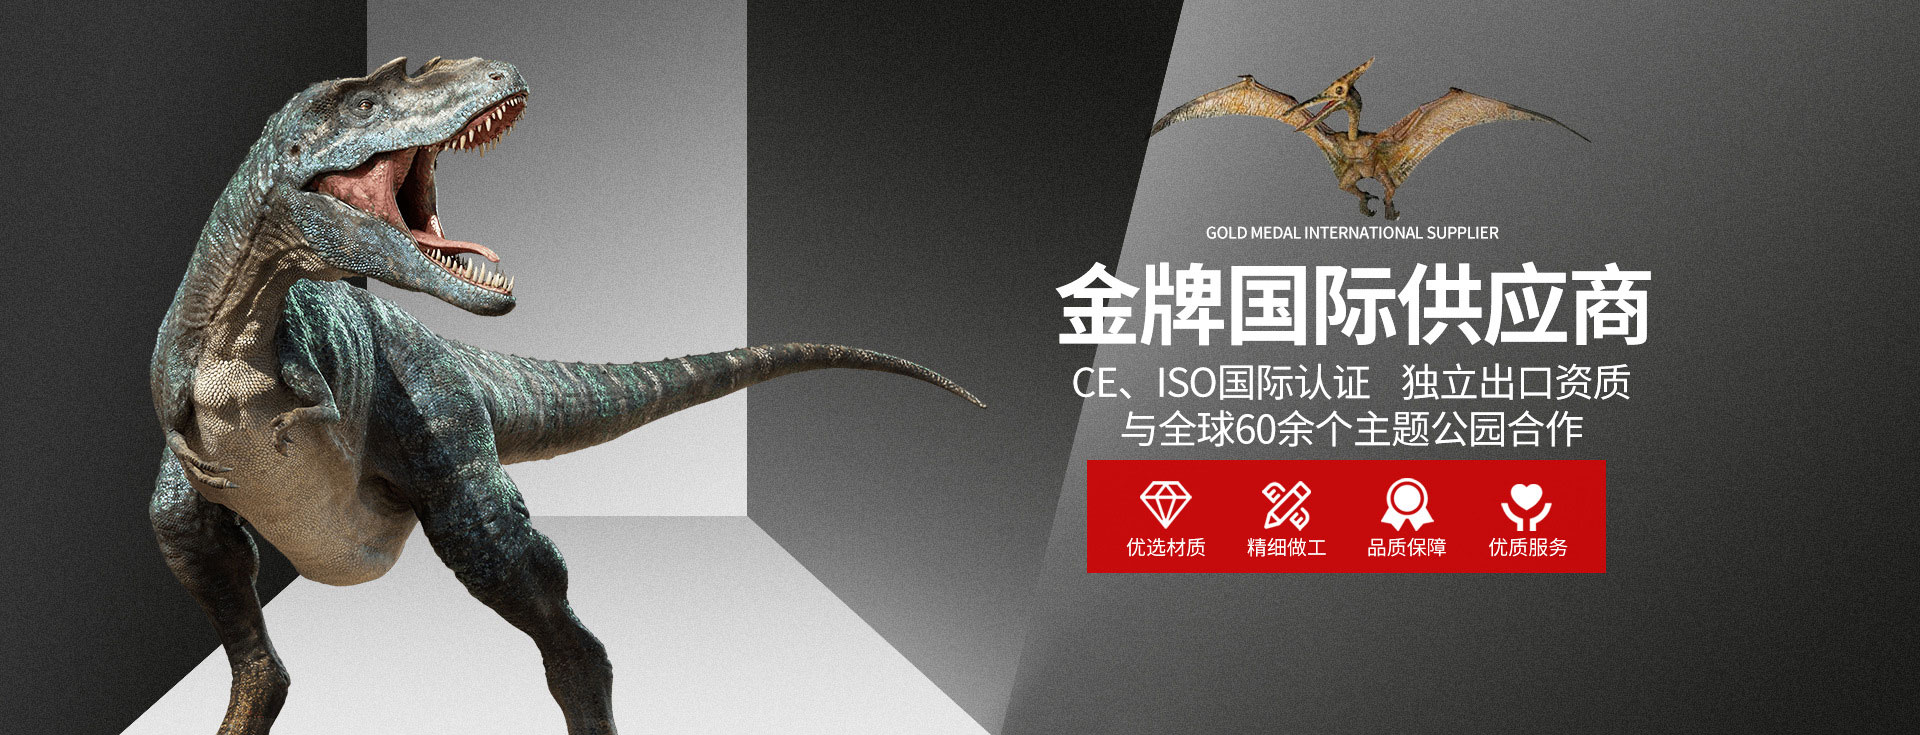 自贡大洋艺术有限责任公司-仿真恐龙制作厂家